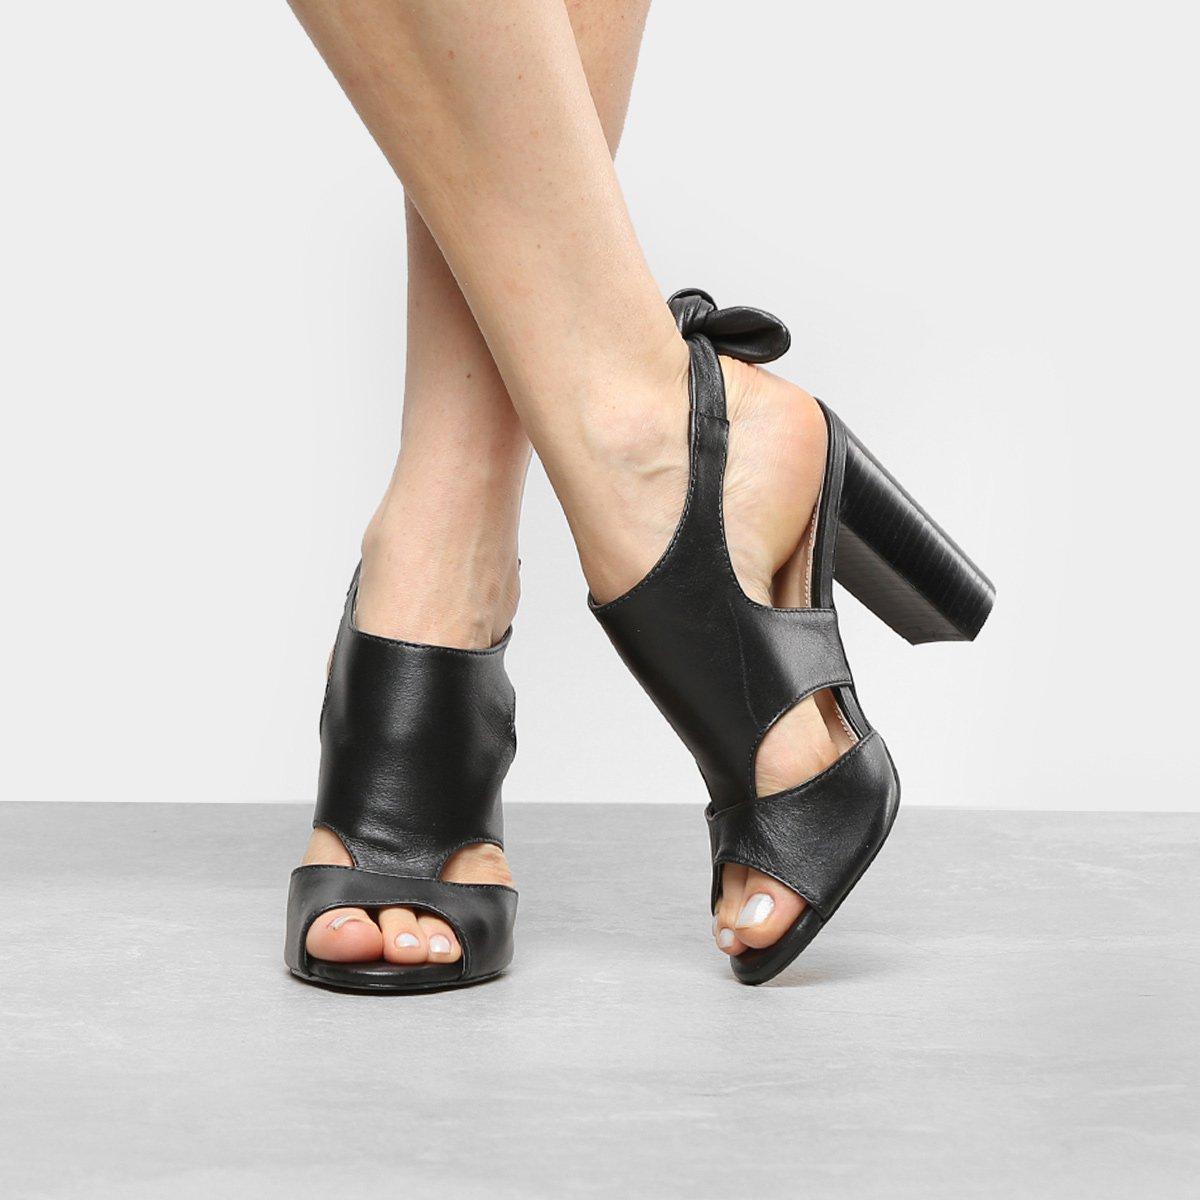 468649fafd Sandália Couro Shoestock Salto Grosso Nó Feminina